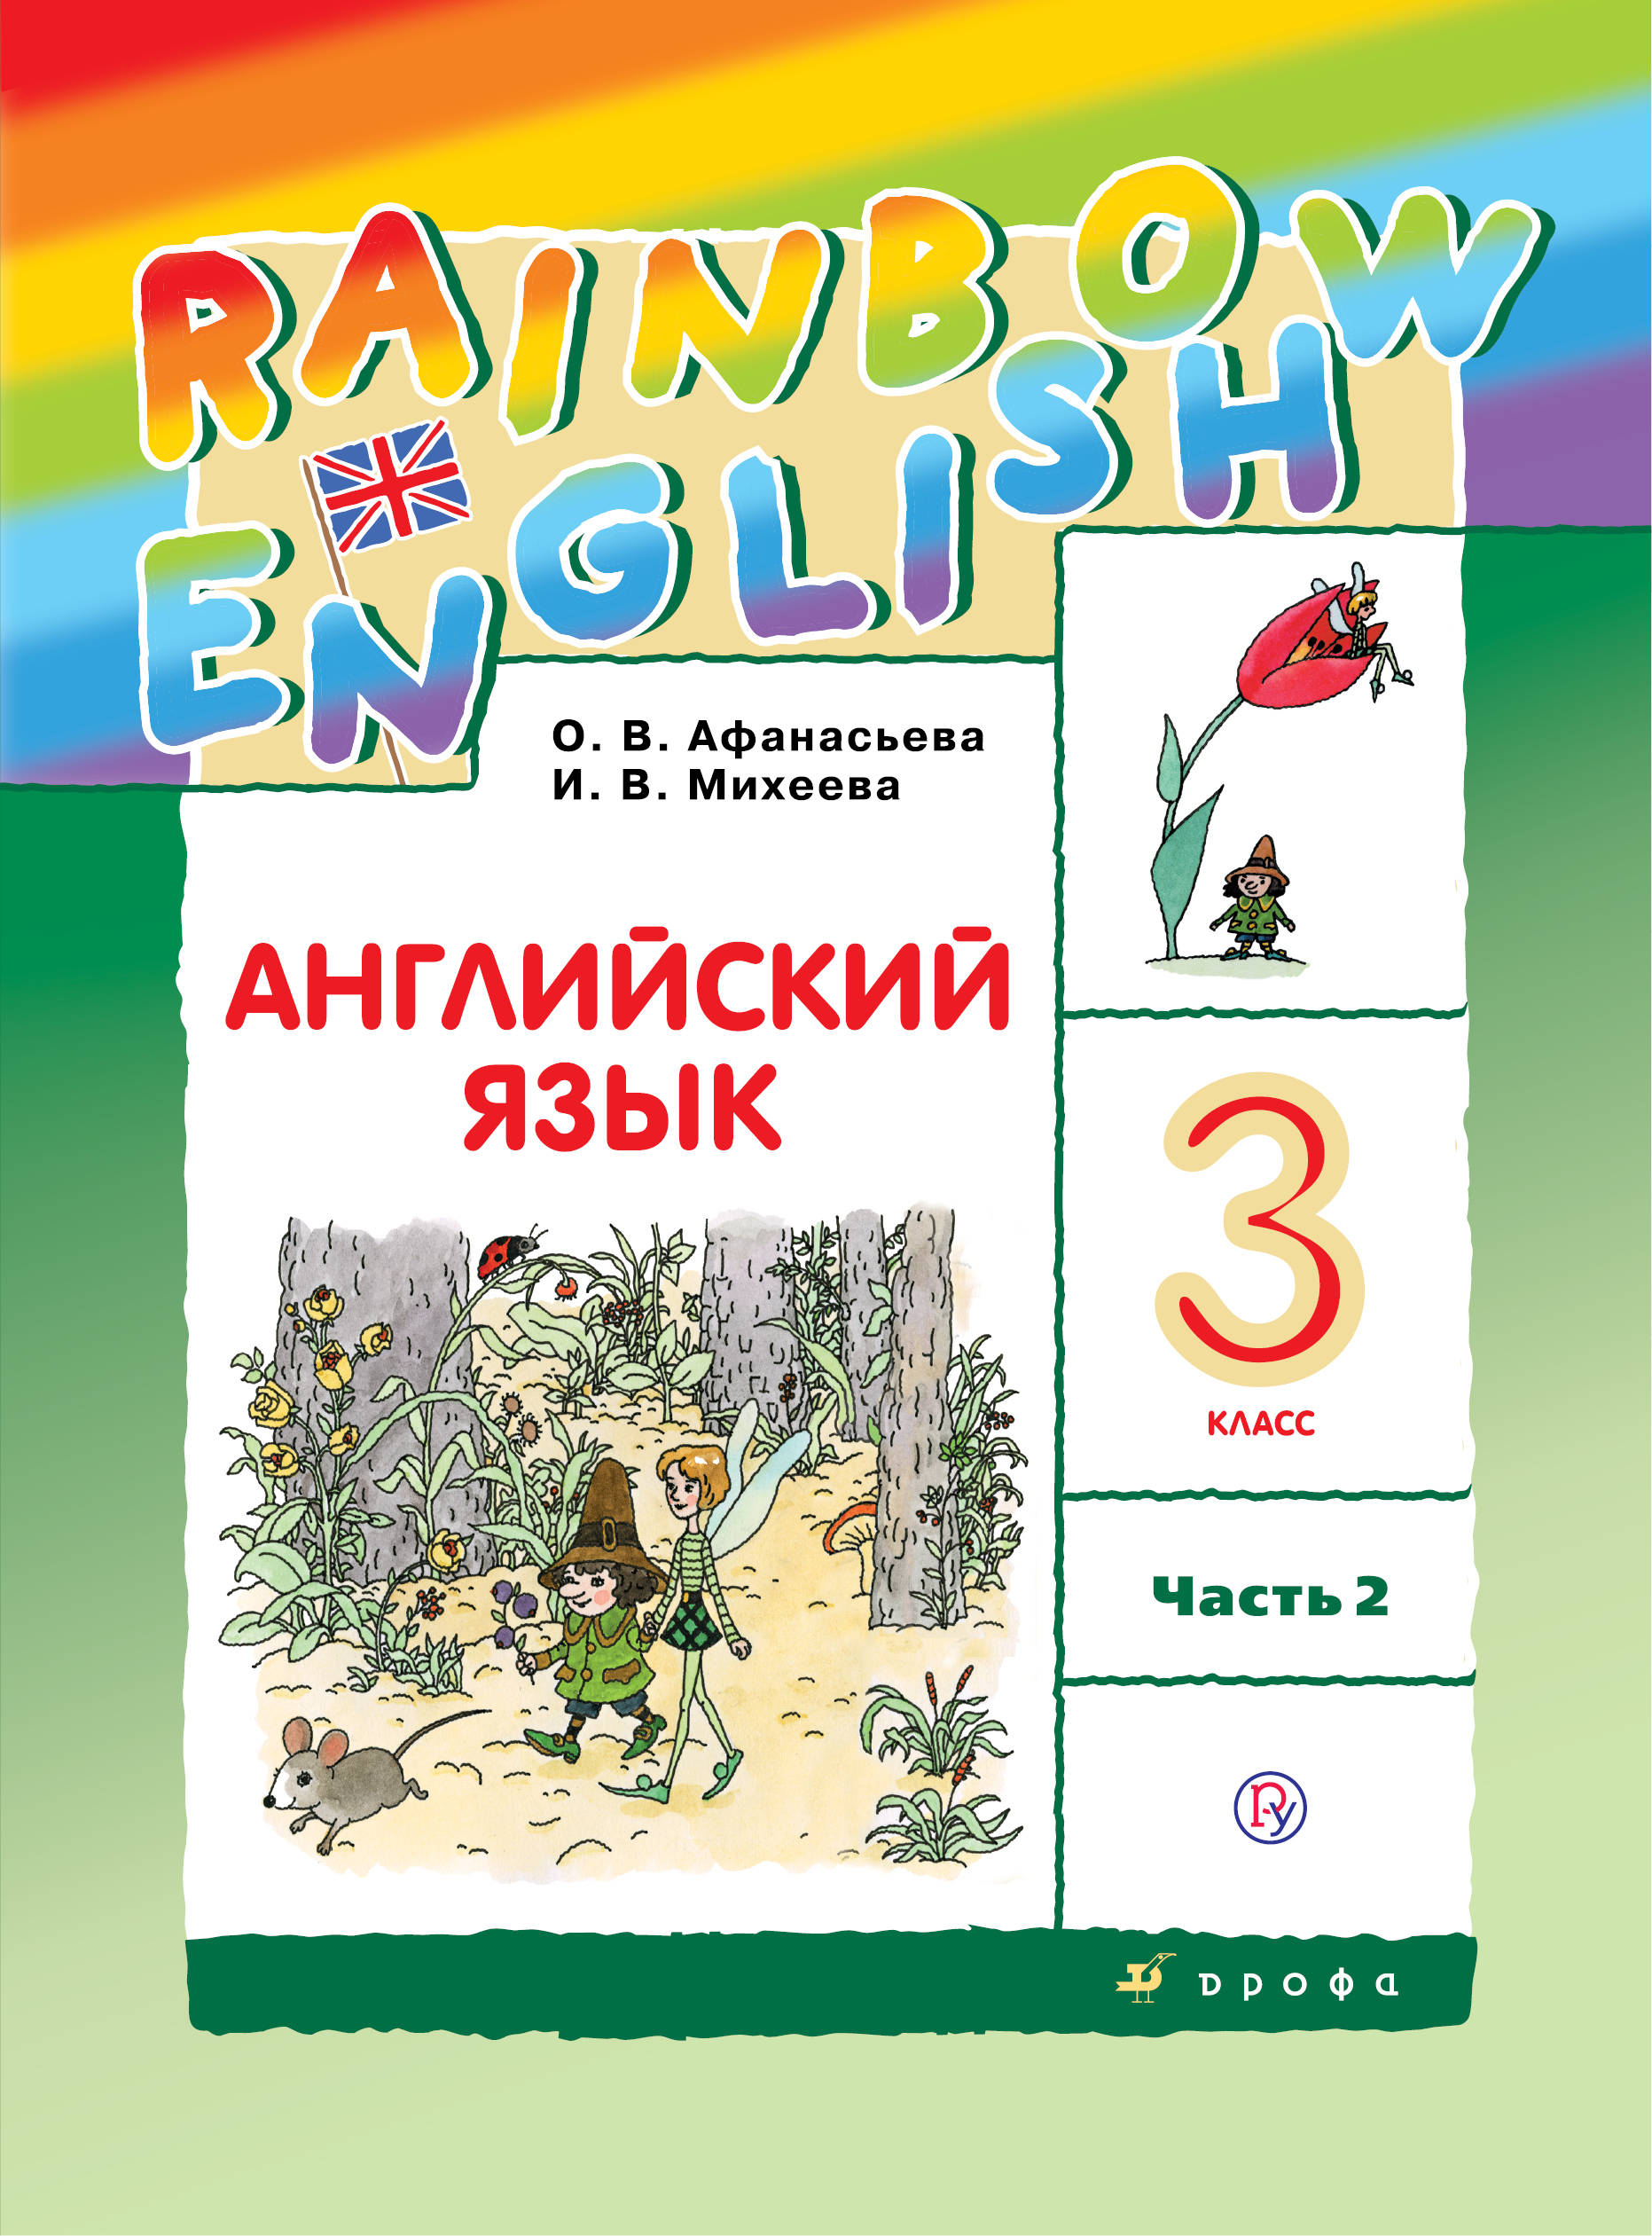 О. В. Афанасьева,И. В. Михеева Английский язык. 3 класс. Учебник в 2-х частях. Часть 2